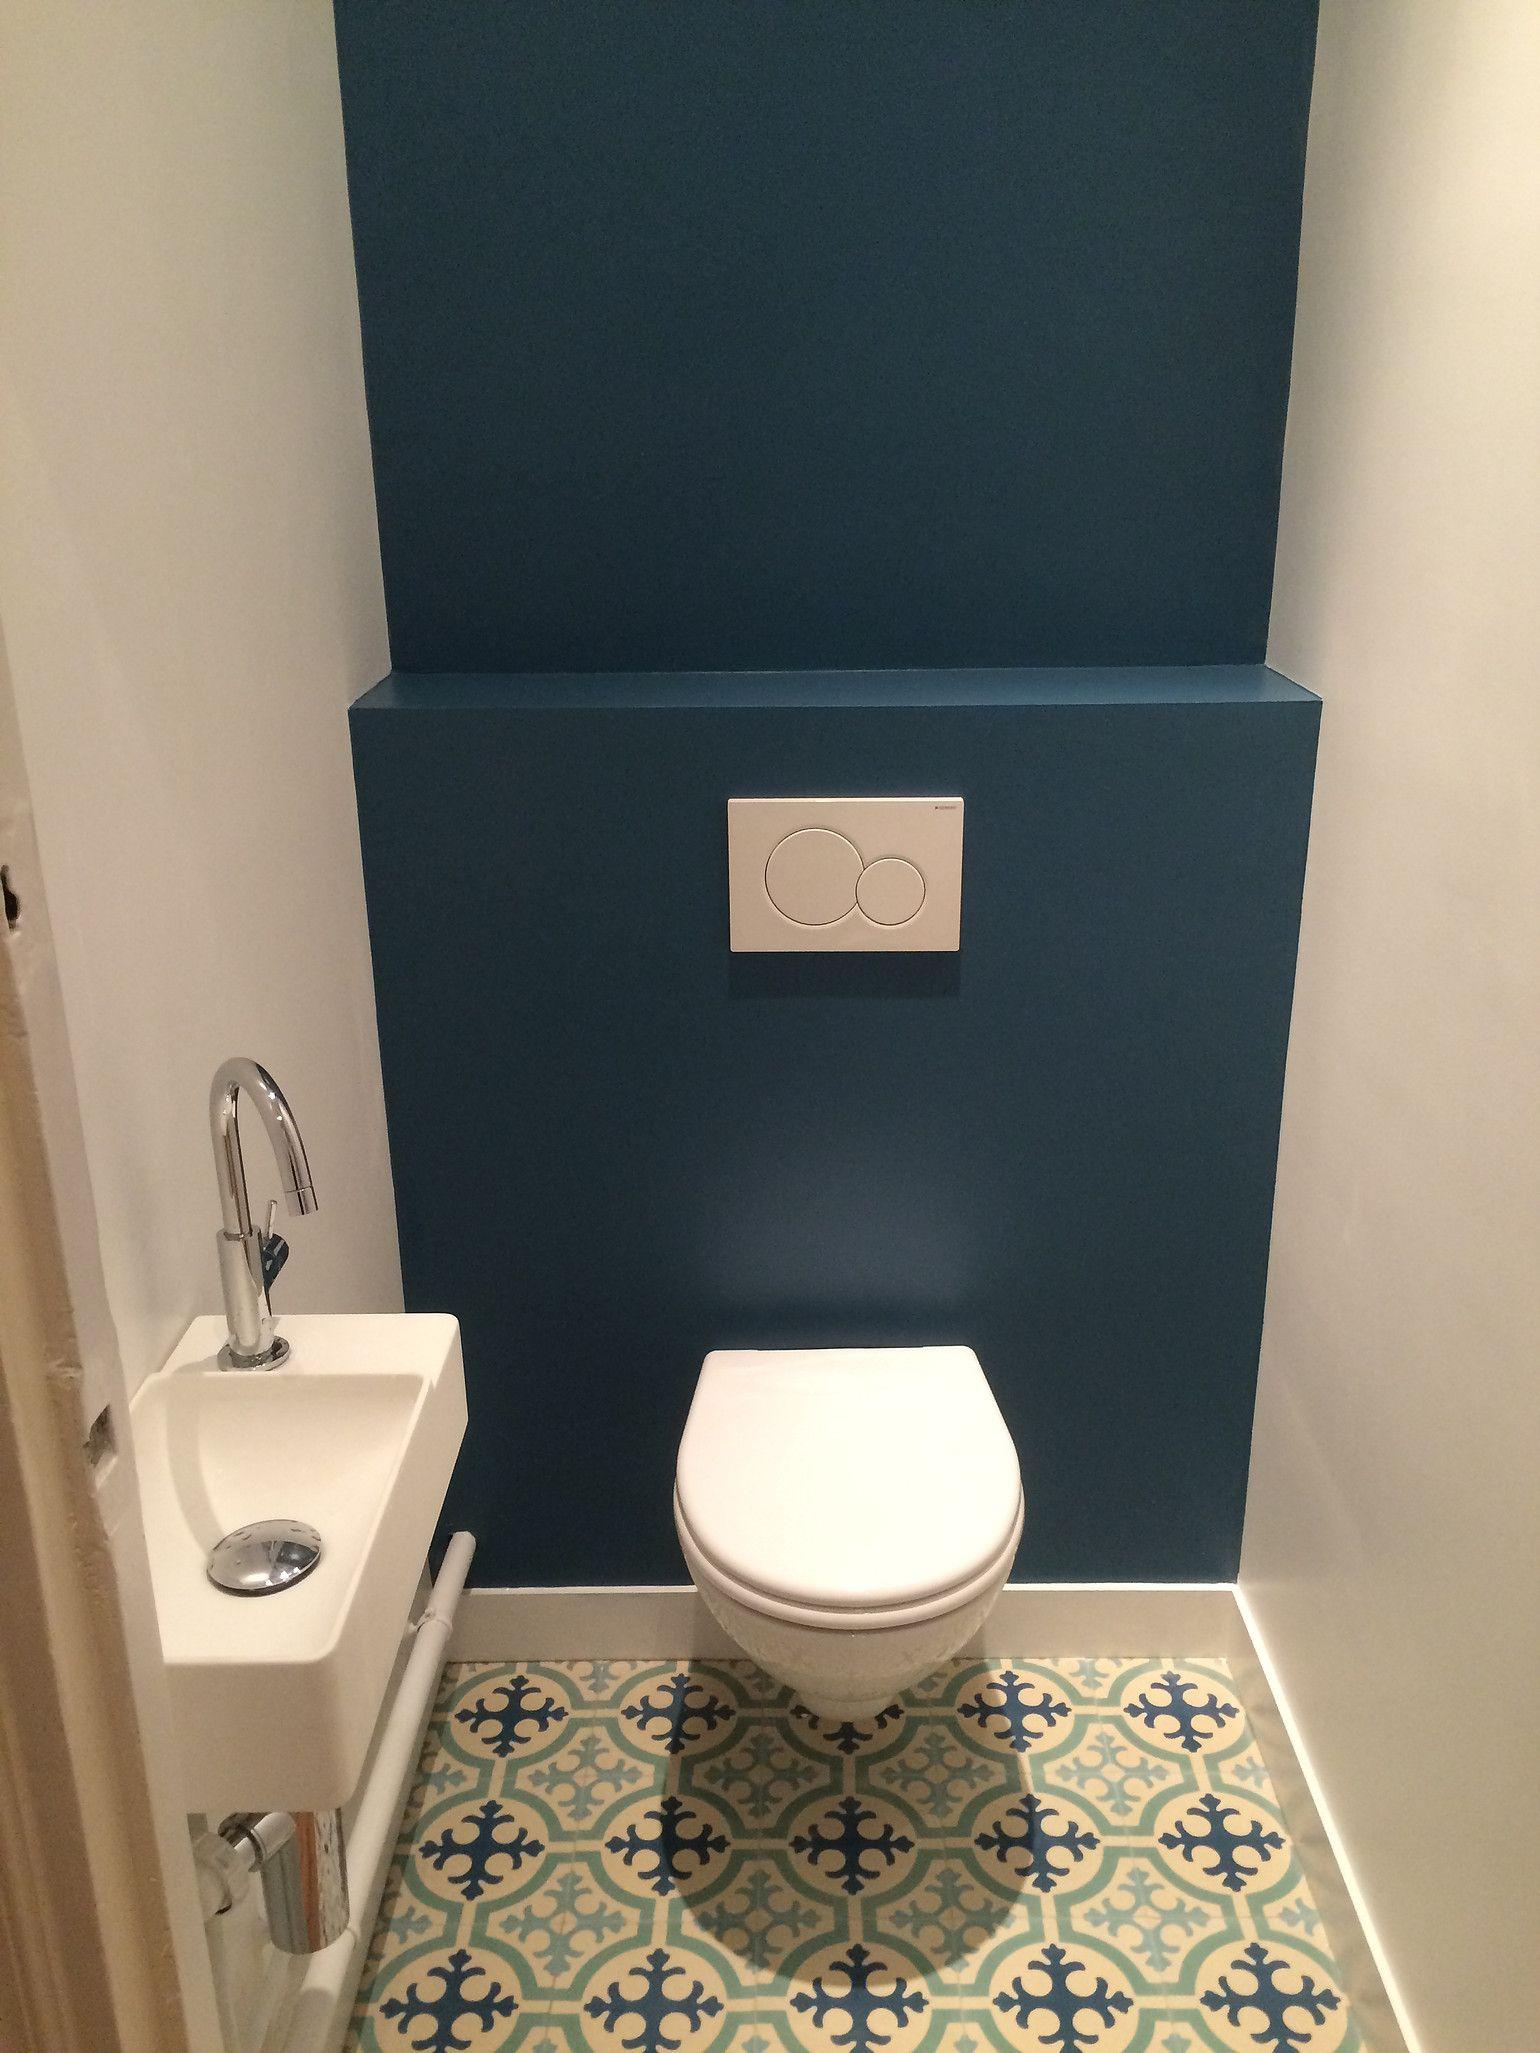 Un joli bleu canard pour ces toilettes Mention spciale au sol en carreaux de ciment  Other